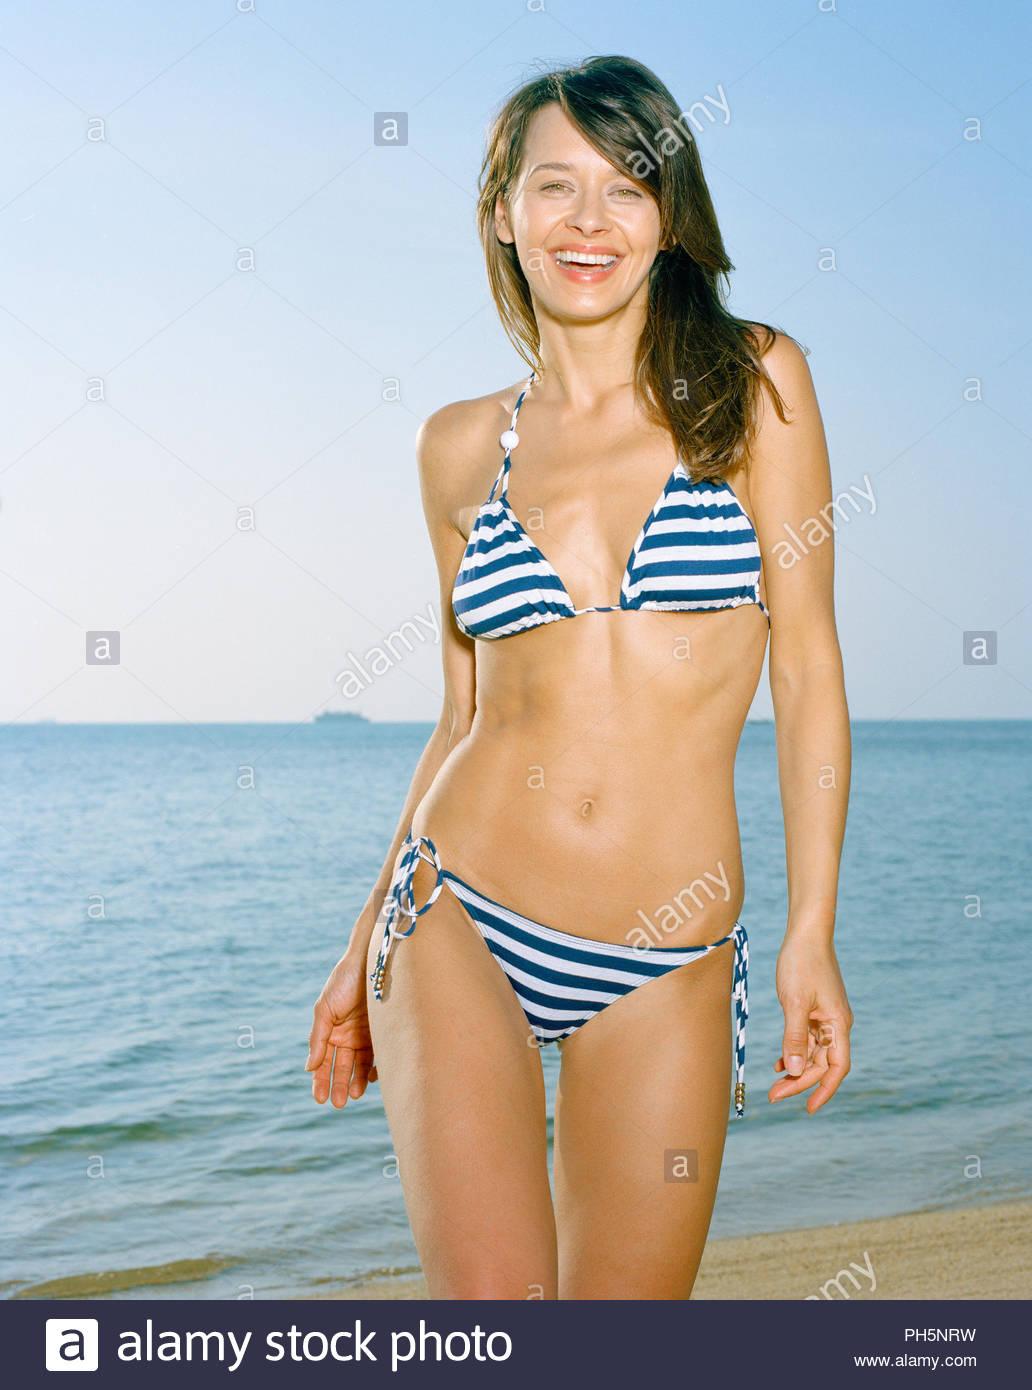 Young woman wearing striped bikini on beach - Stock Image